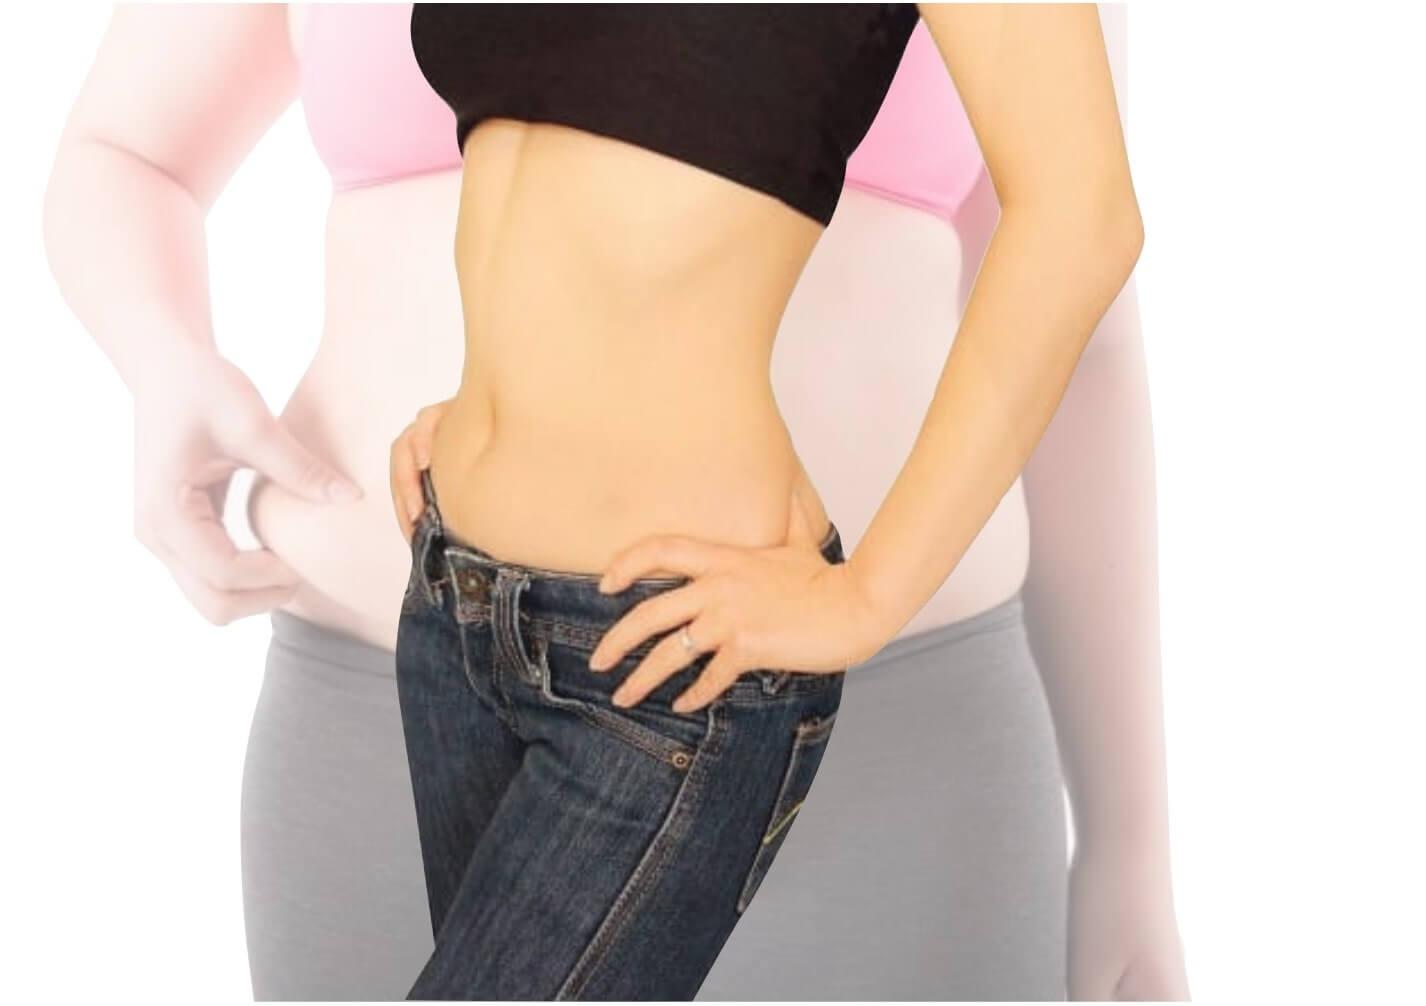 内臓脂肪と食事